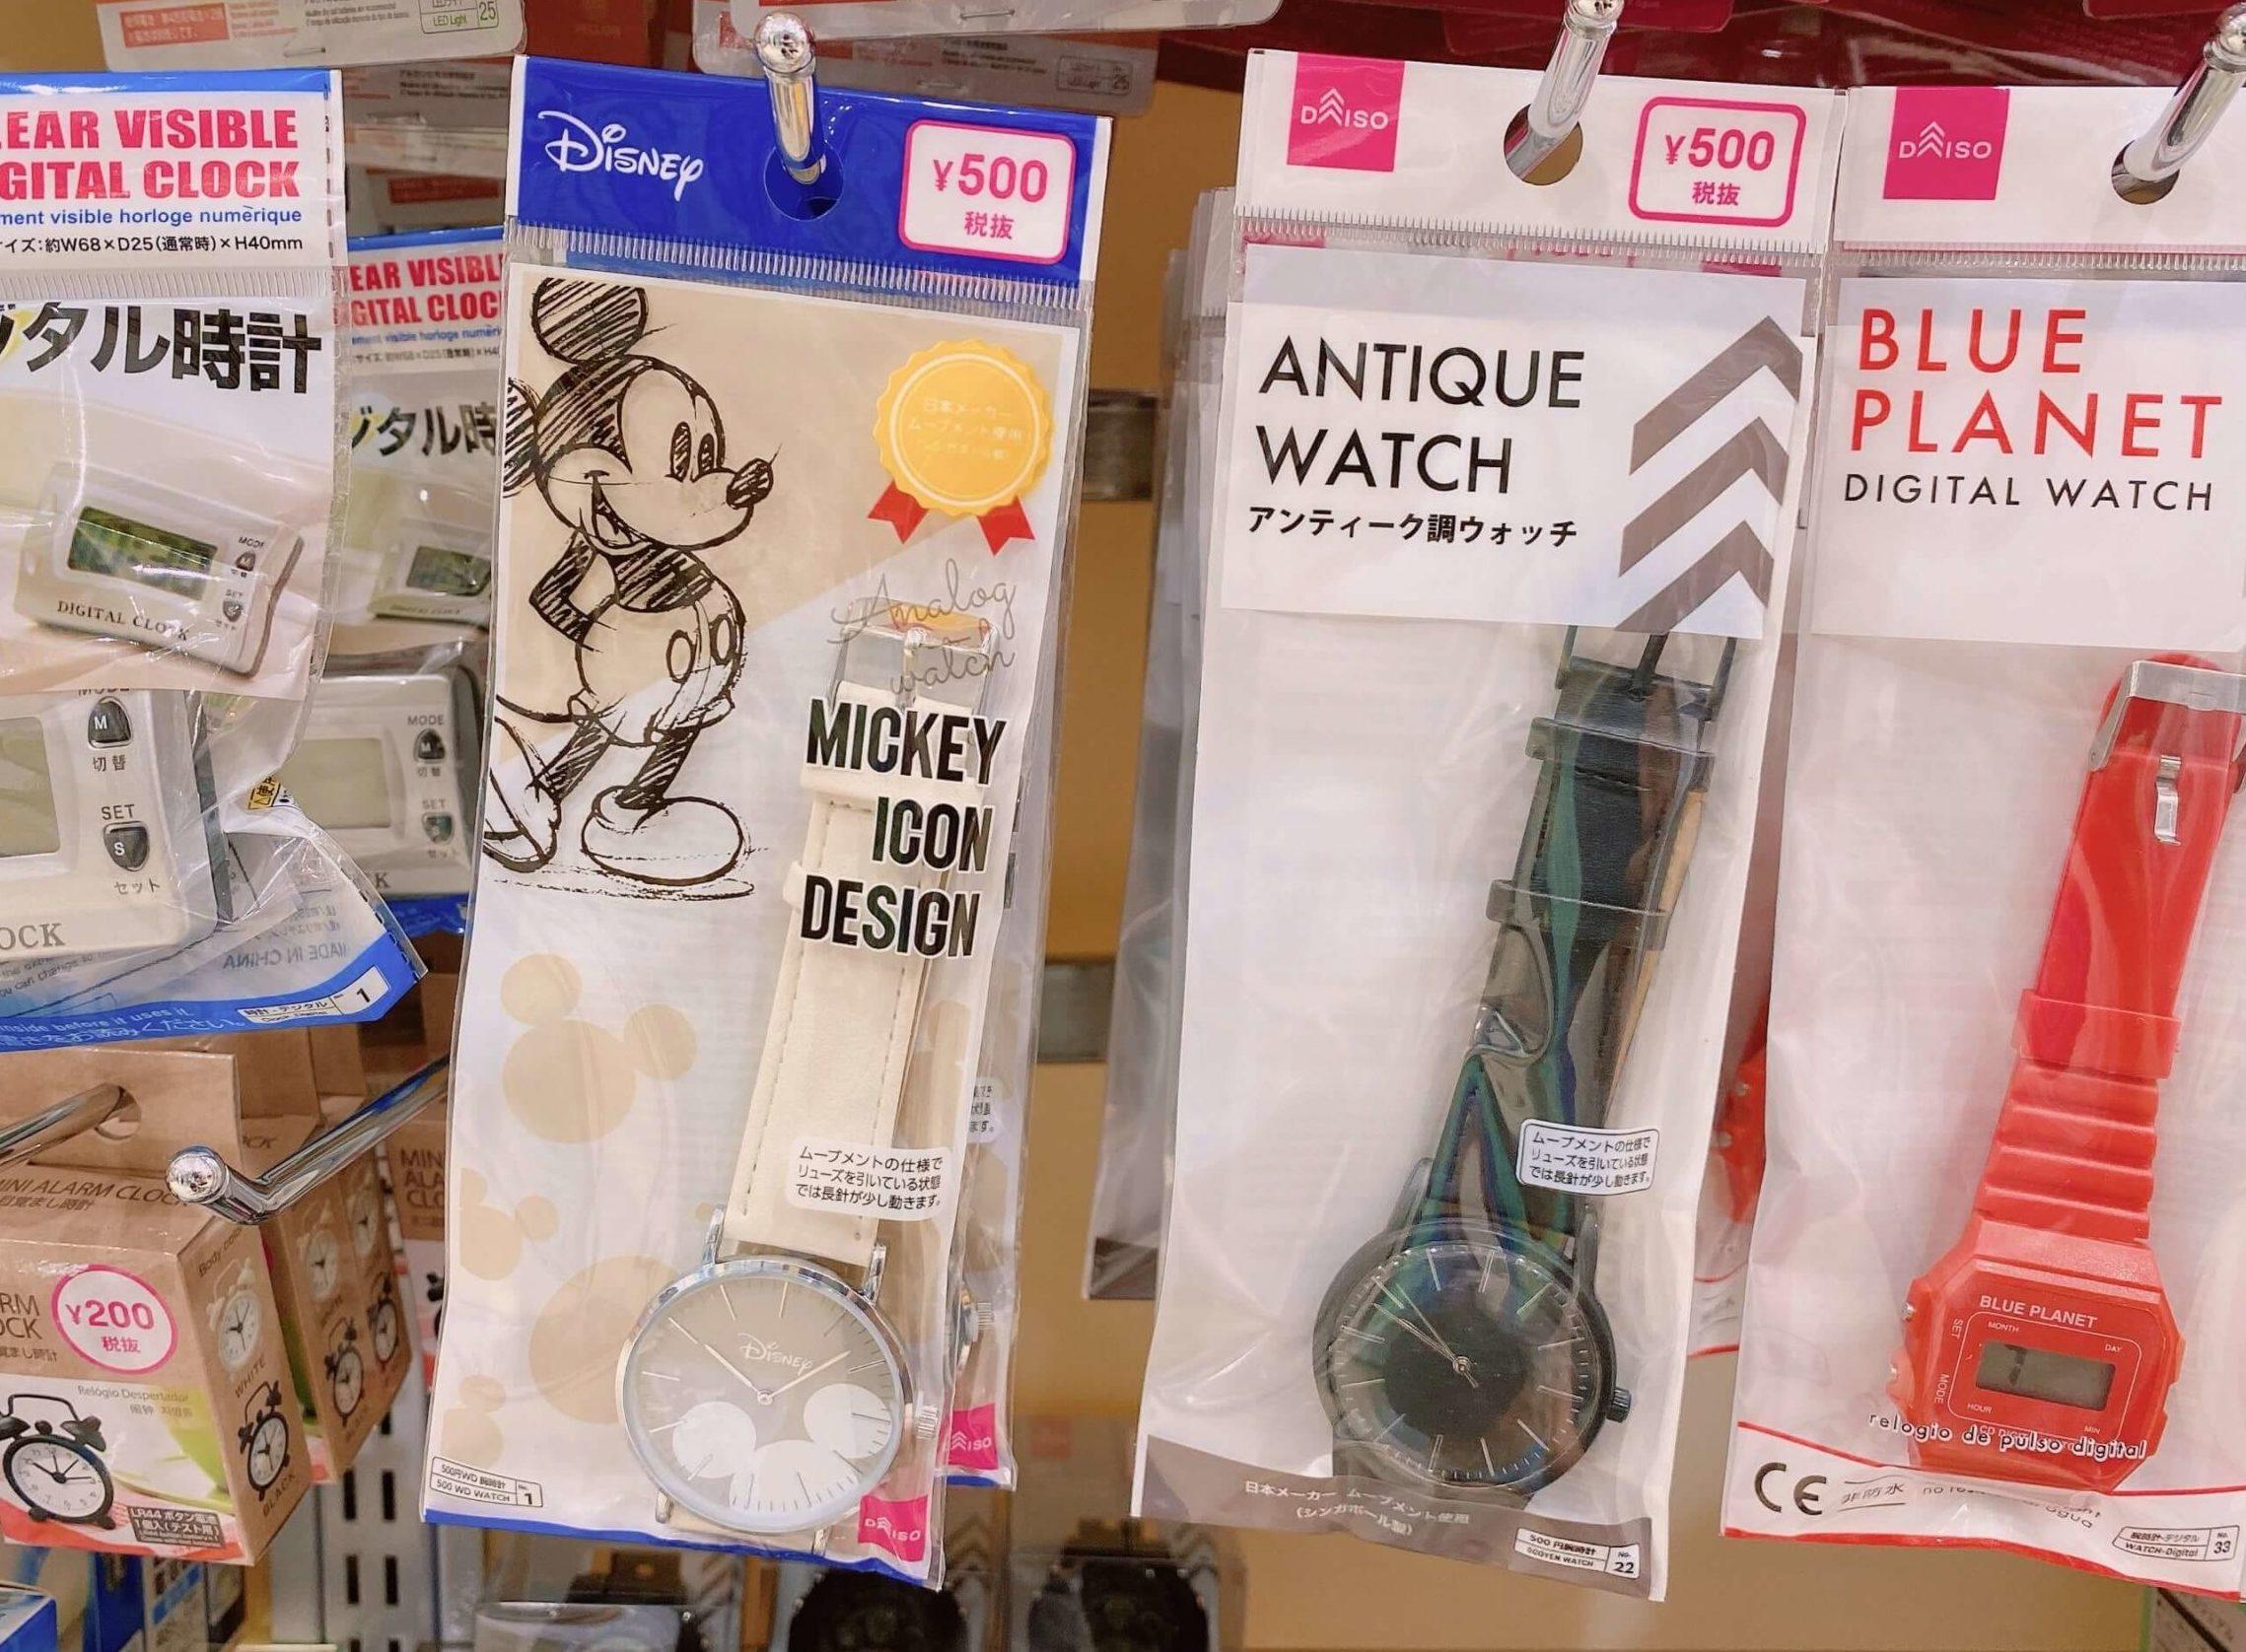 ダイソーの500円腕時計アナログタイプにはディズニーもある